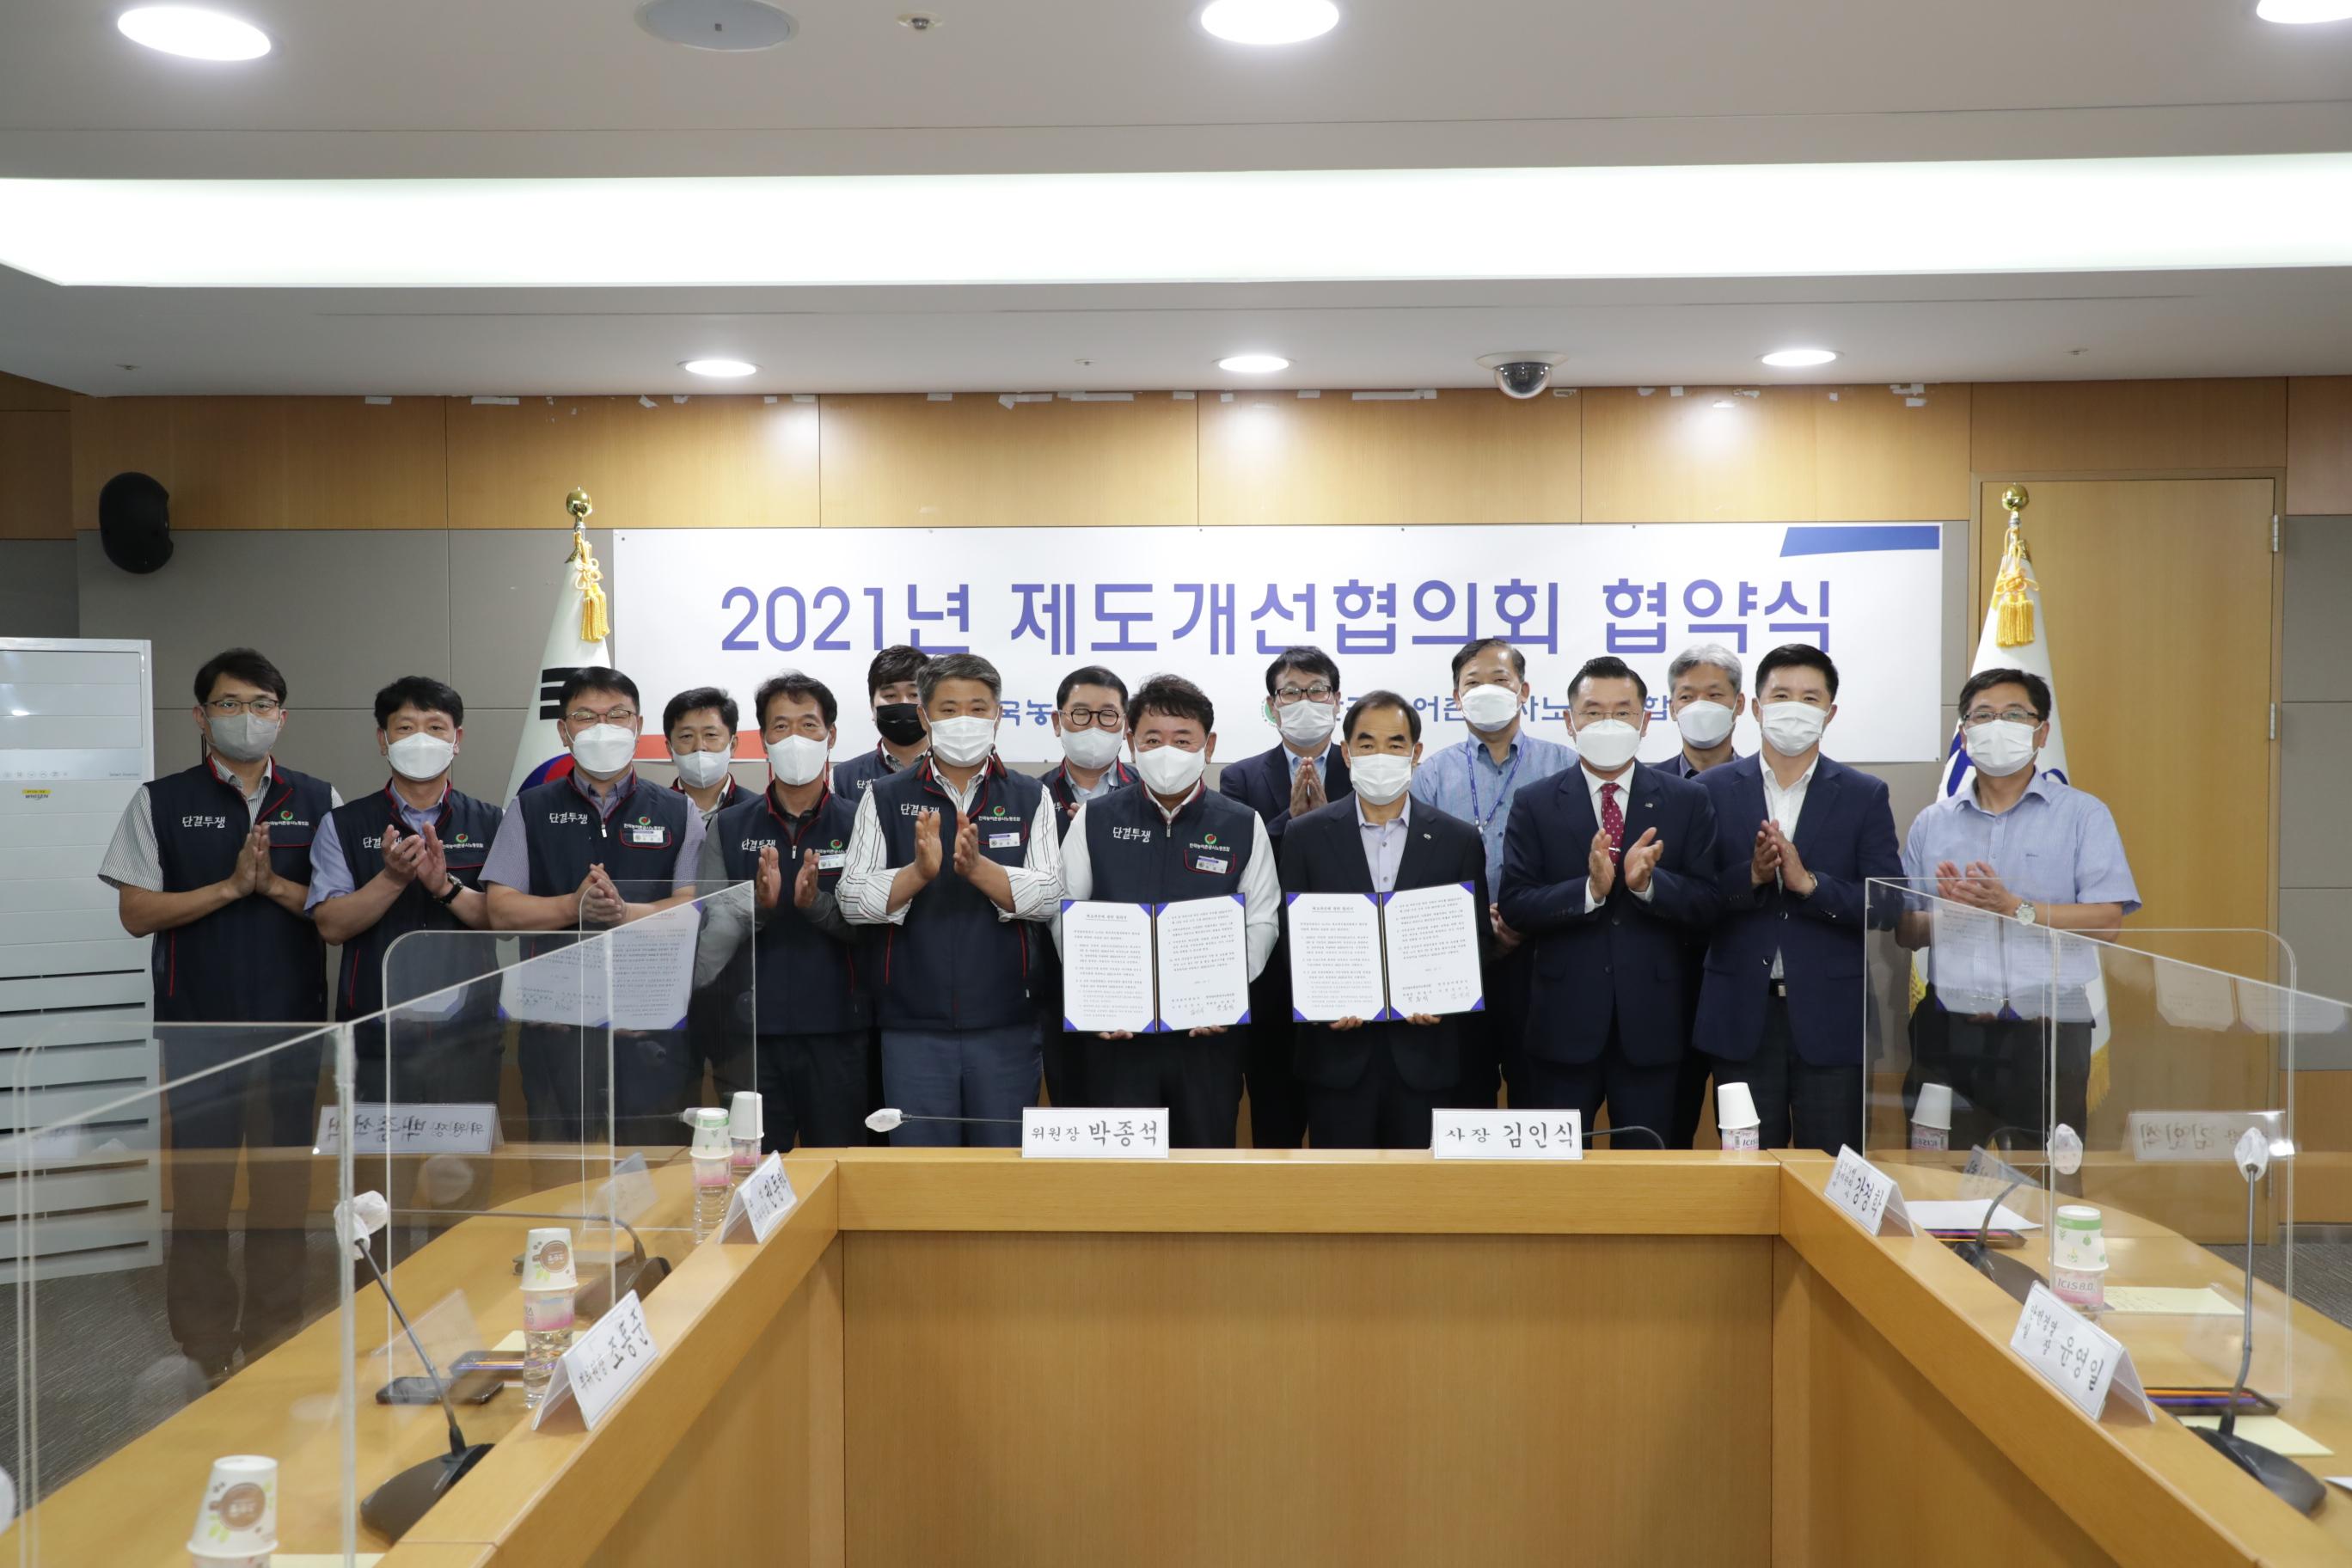 2021년 제도개선협의회 협약식 - 5